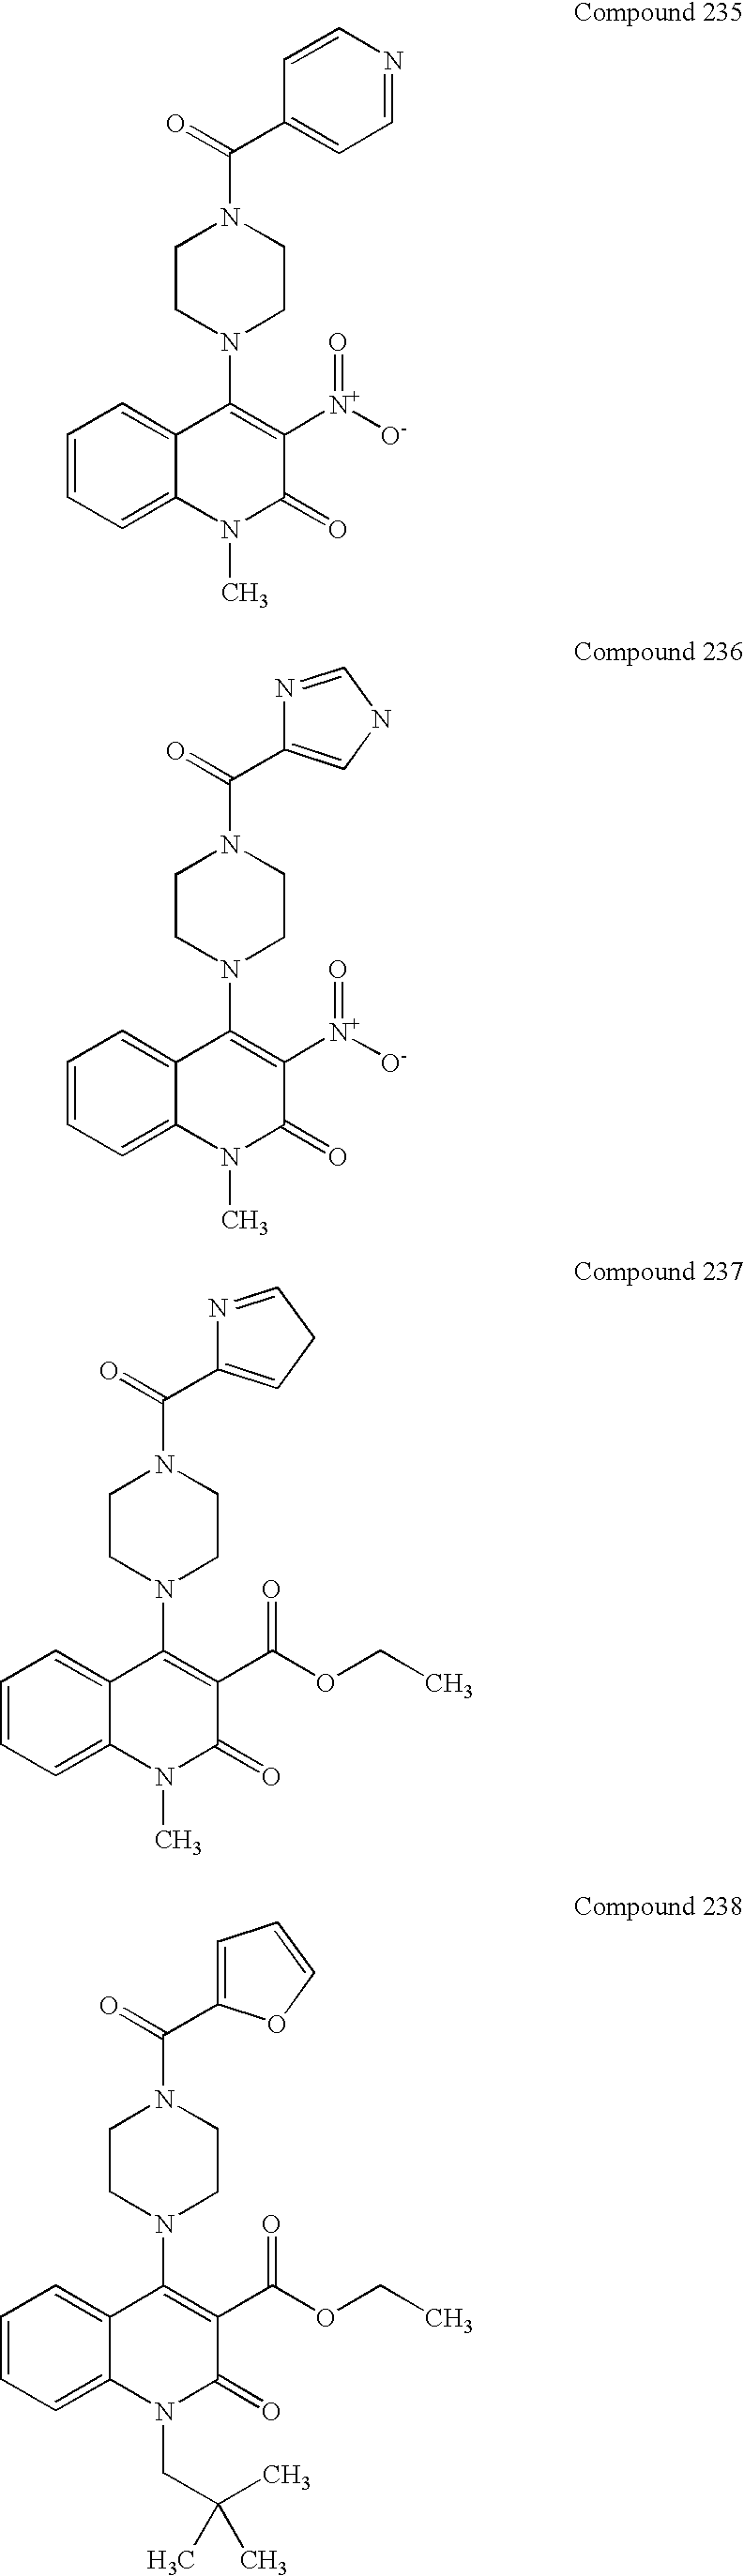 Figure US07230106-20070612-C00126